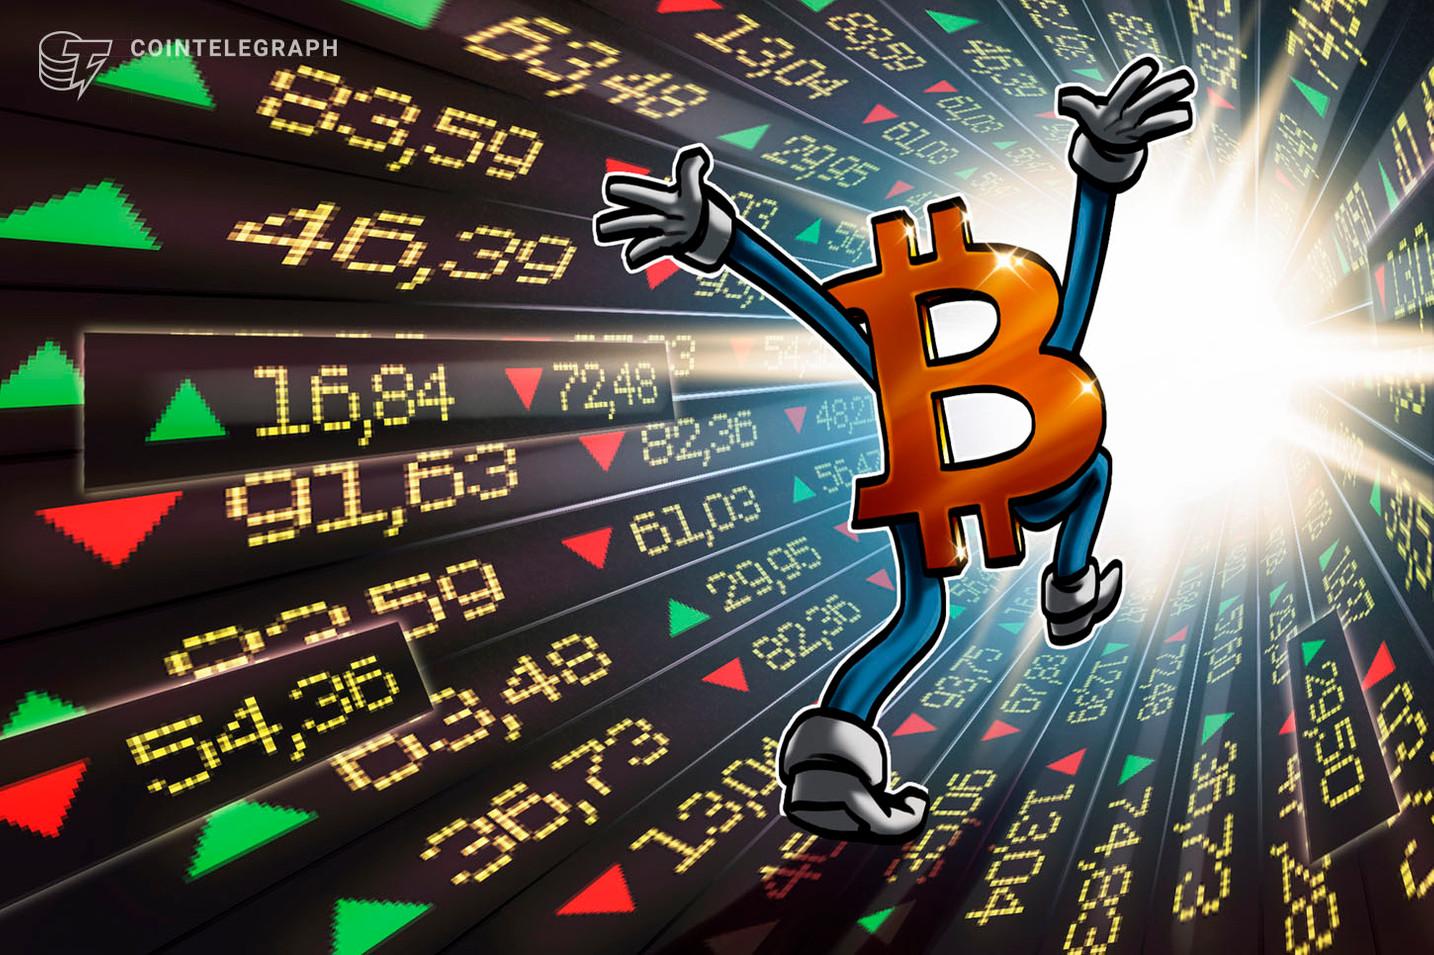 2万ドルが仮想通貨ビットコインにとって大きなハードルである3つの理由